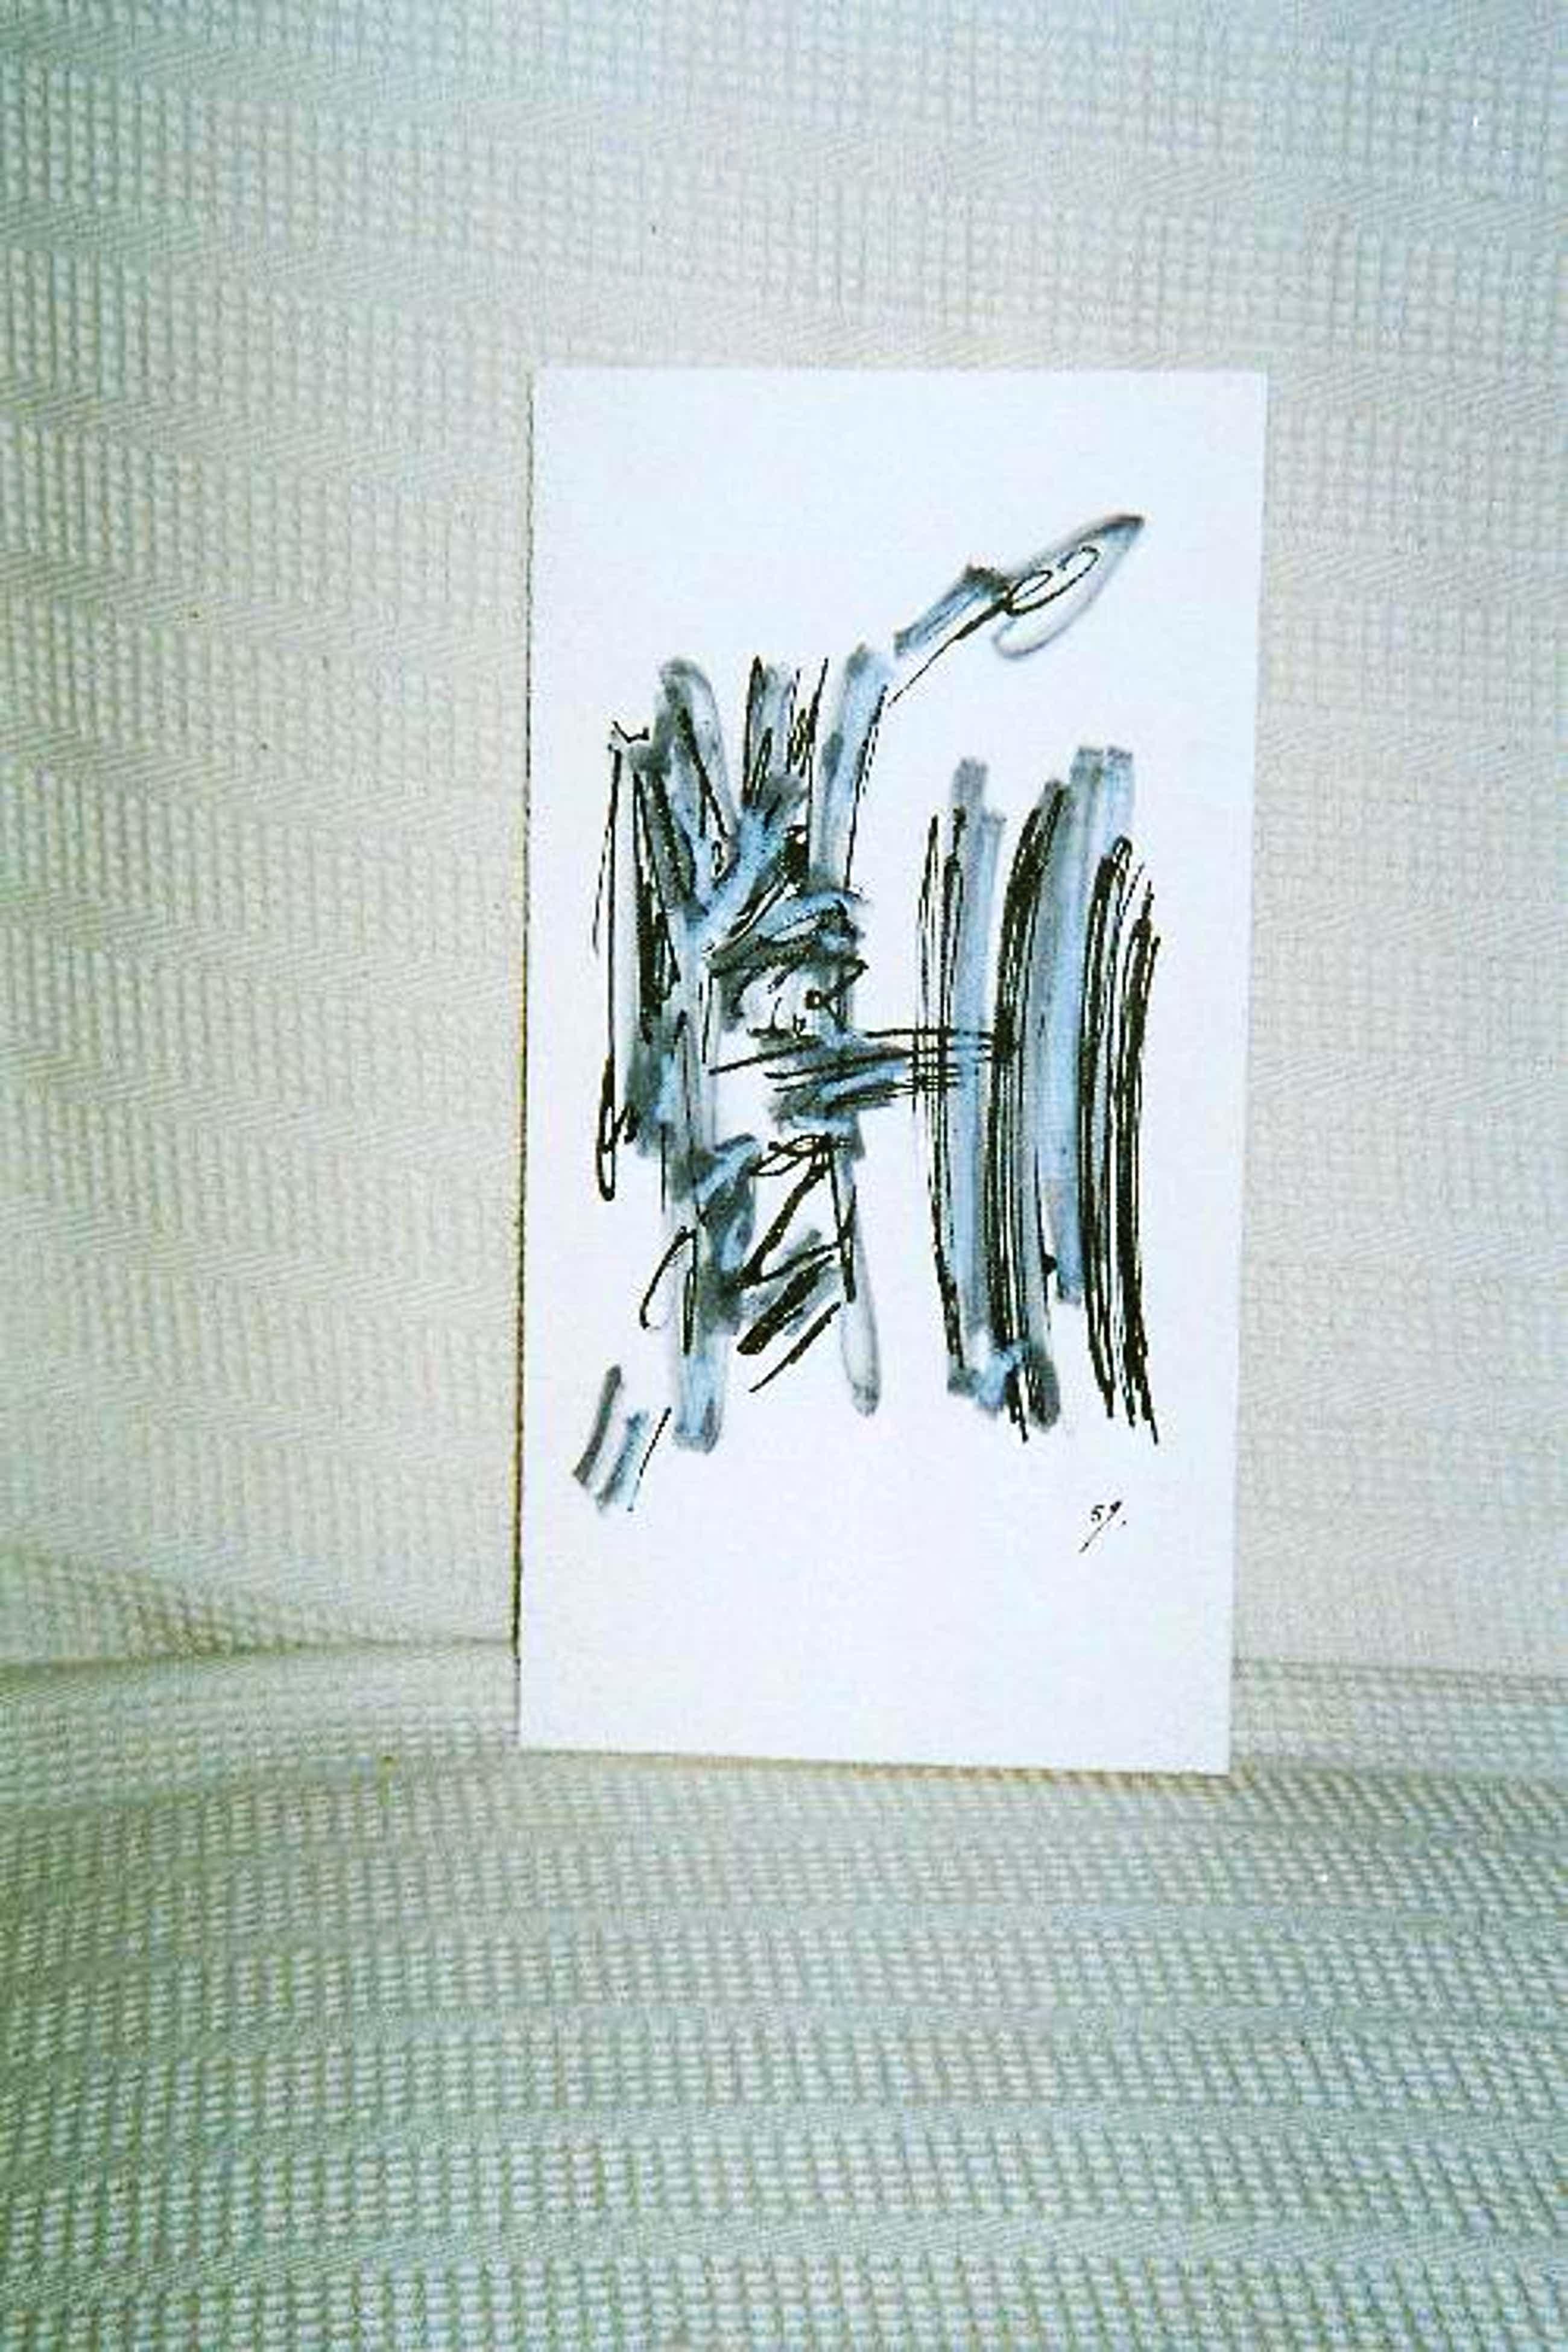 Volkmar Haase - Mischtechnik Tusche/Kreide, informelle Komposition, handsigniert, 1959 kopen? Bied vanaf 120!